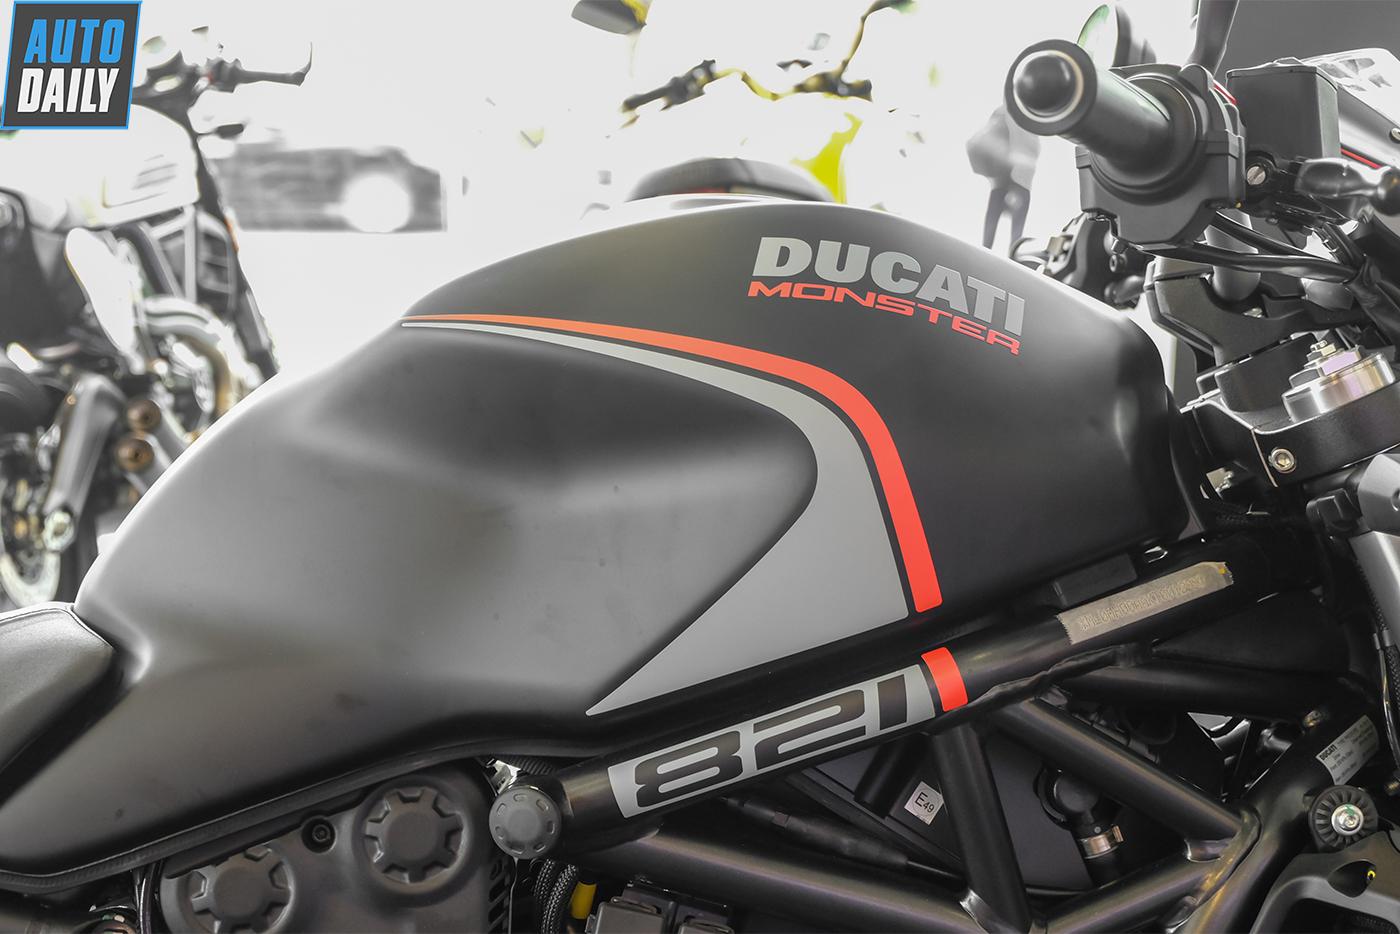 ducati-monster-821-stealth-13.jpg